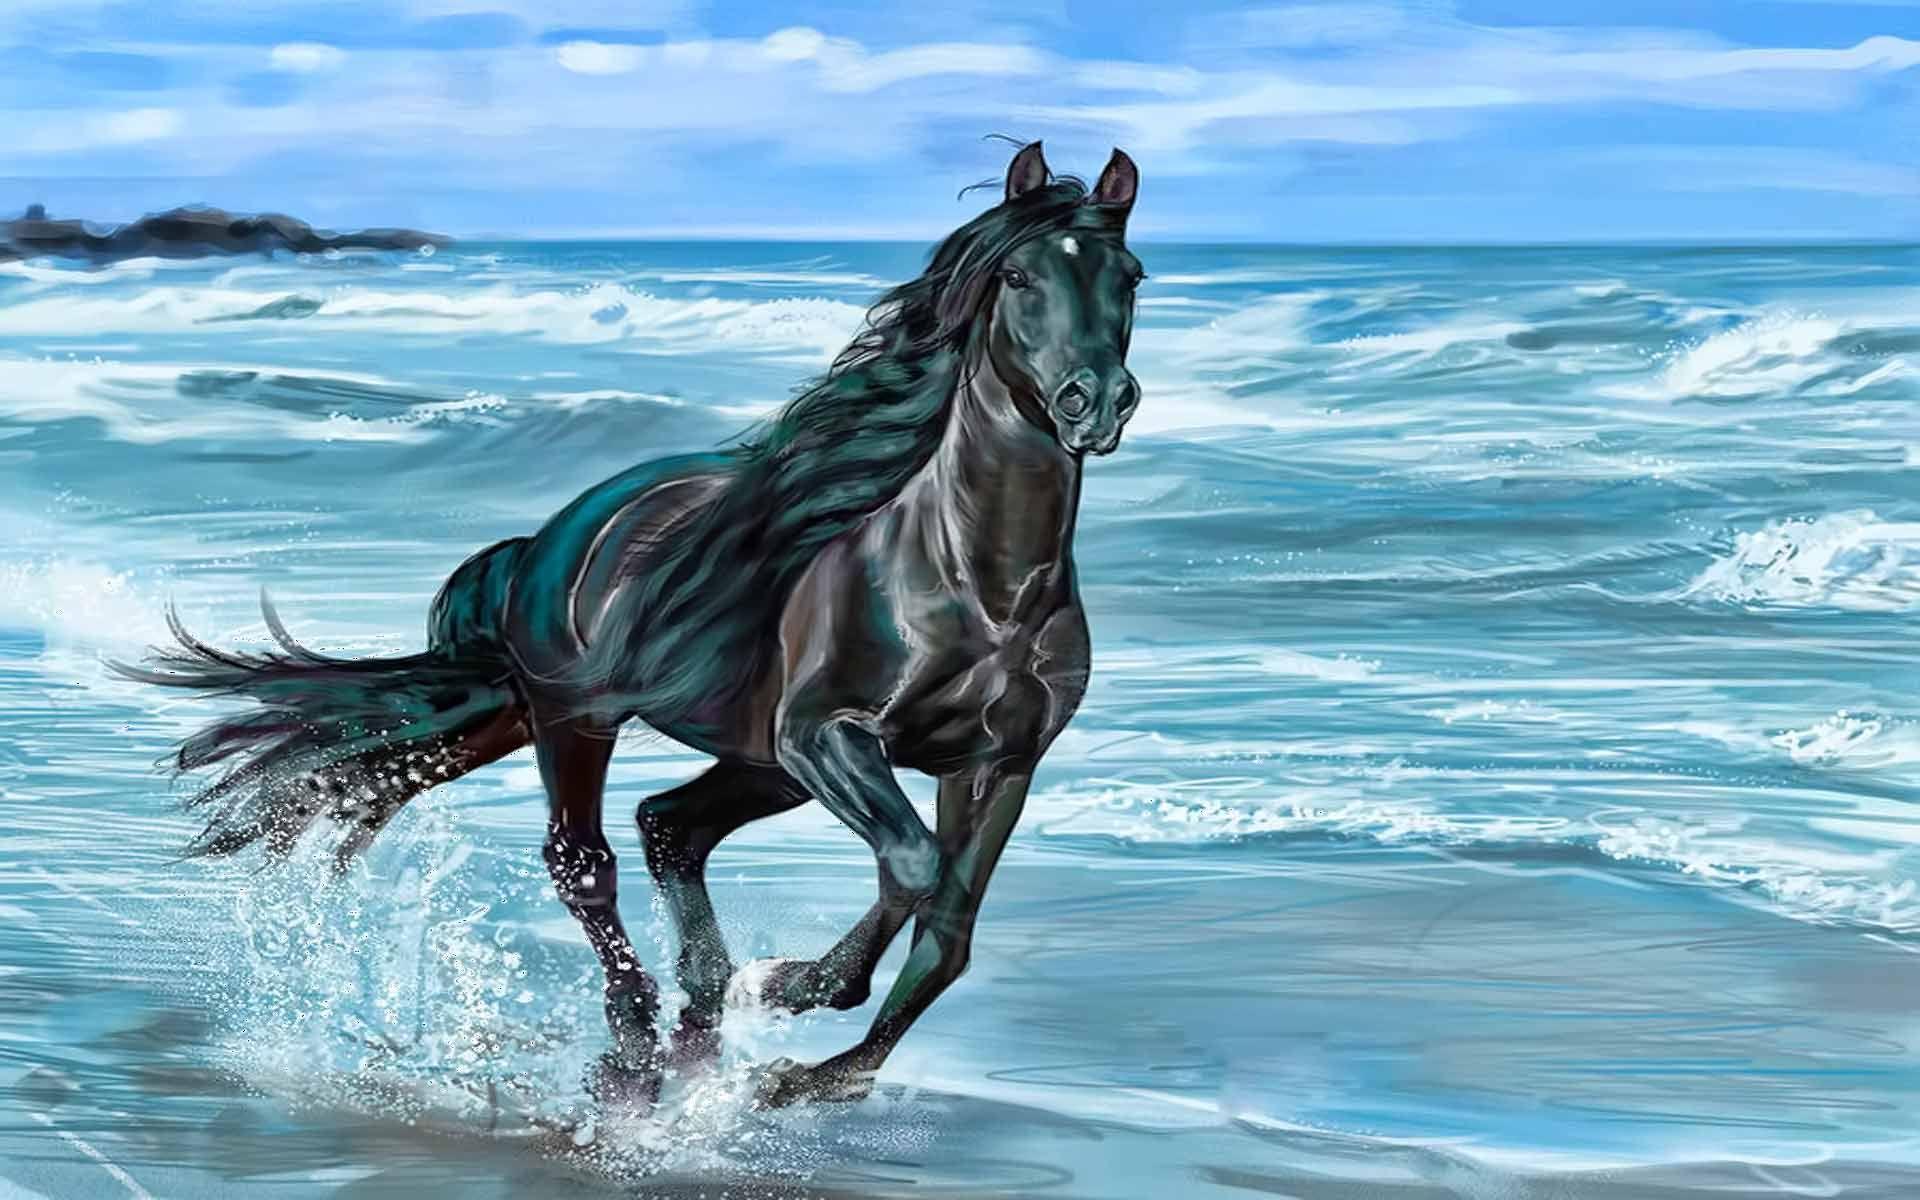 Top Wallpaper Horse Water - 898cc8f9ce36297c05e56f7d1b9d6da2  Snapshot_956387.jpg